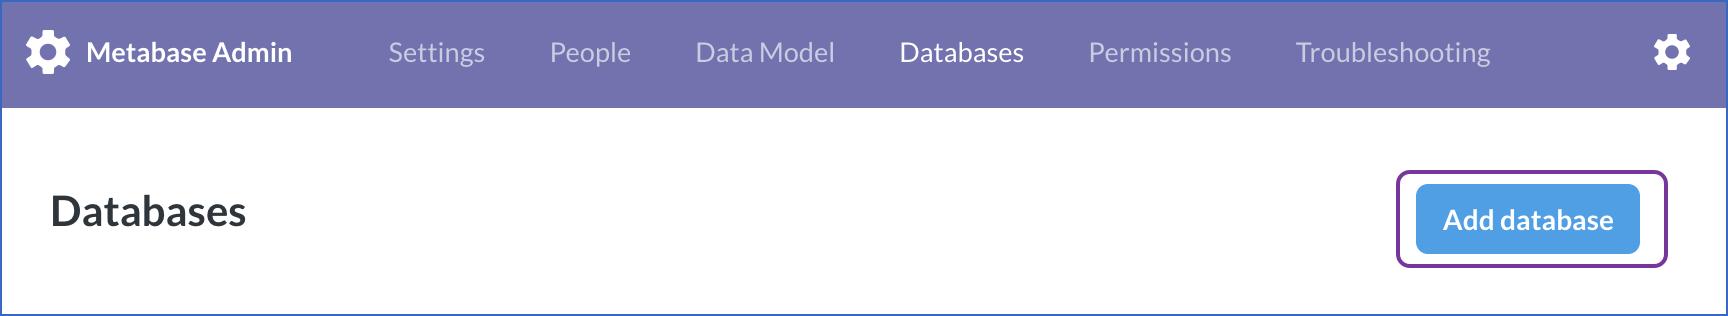 Add Database option